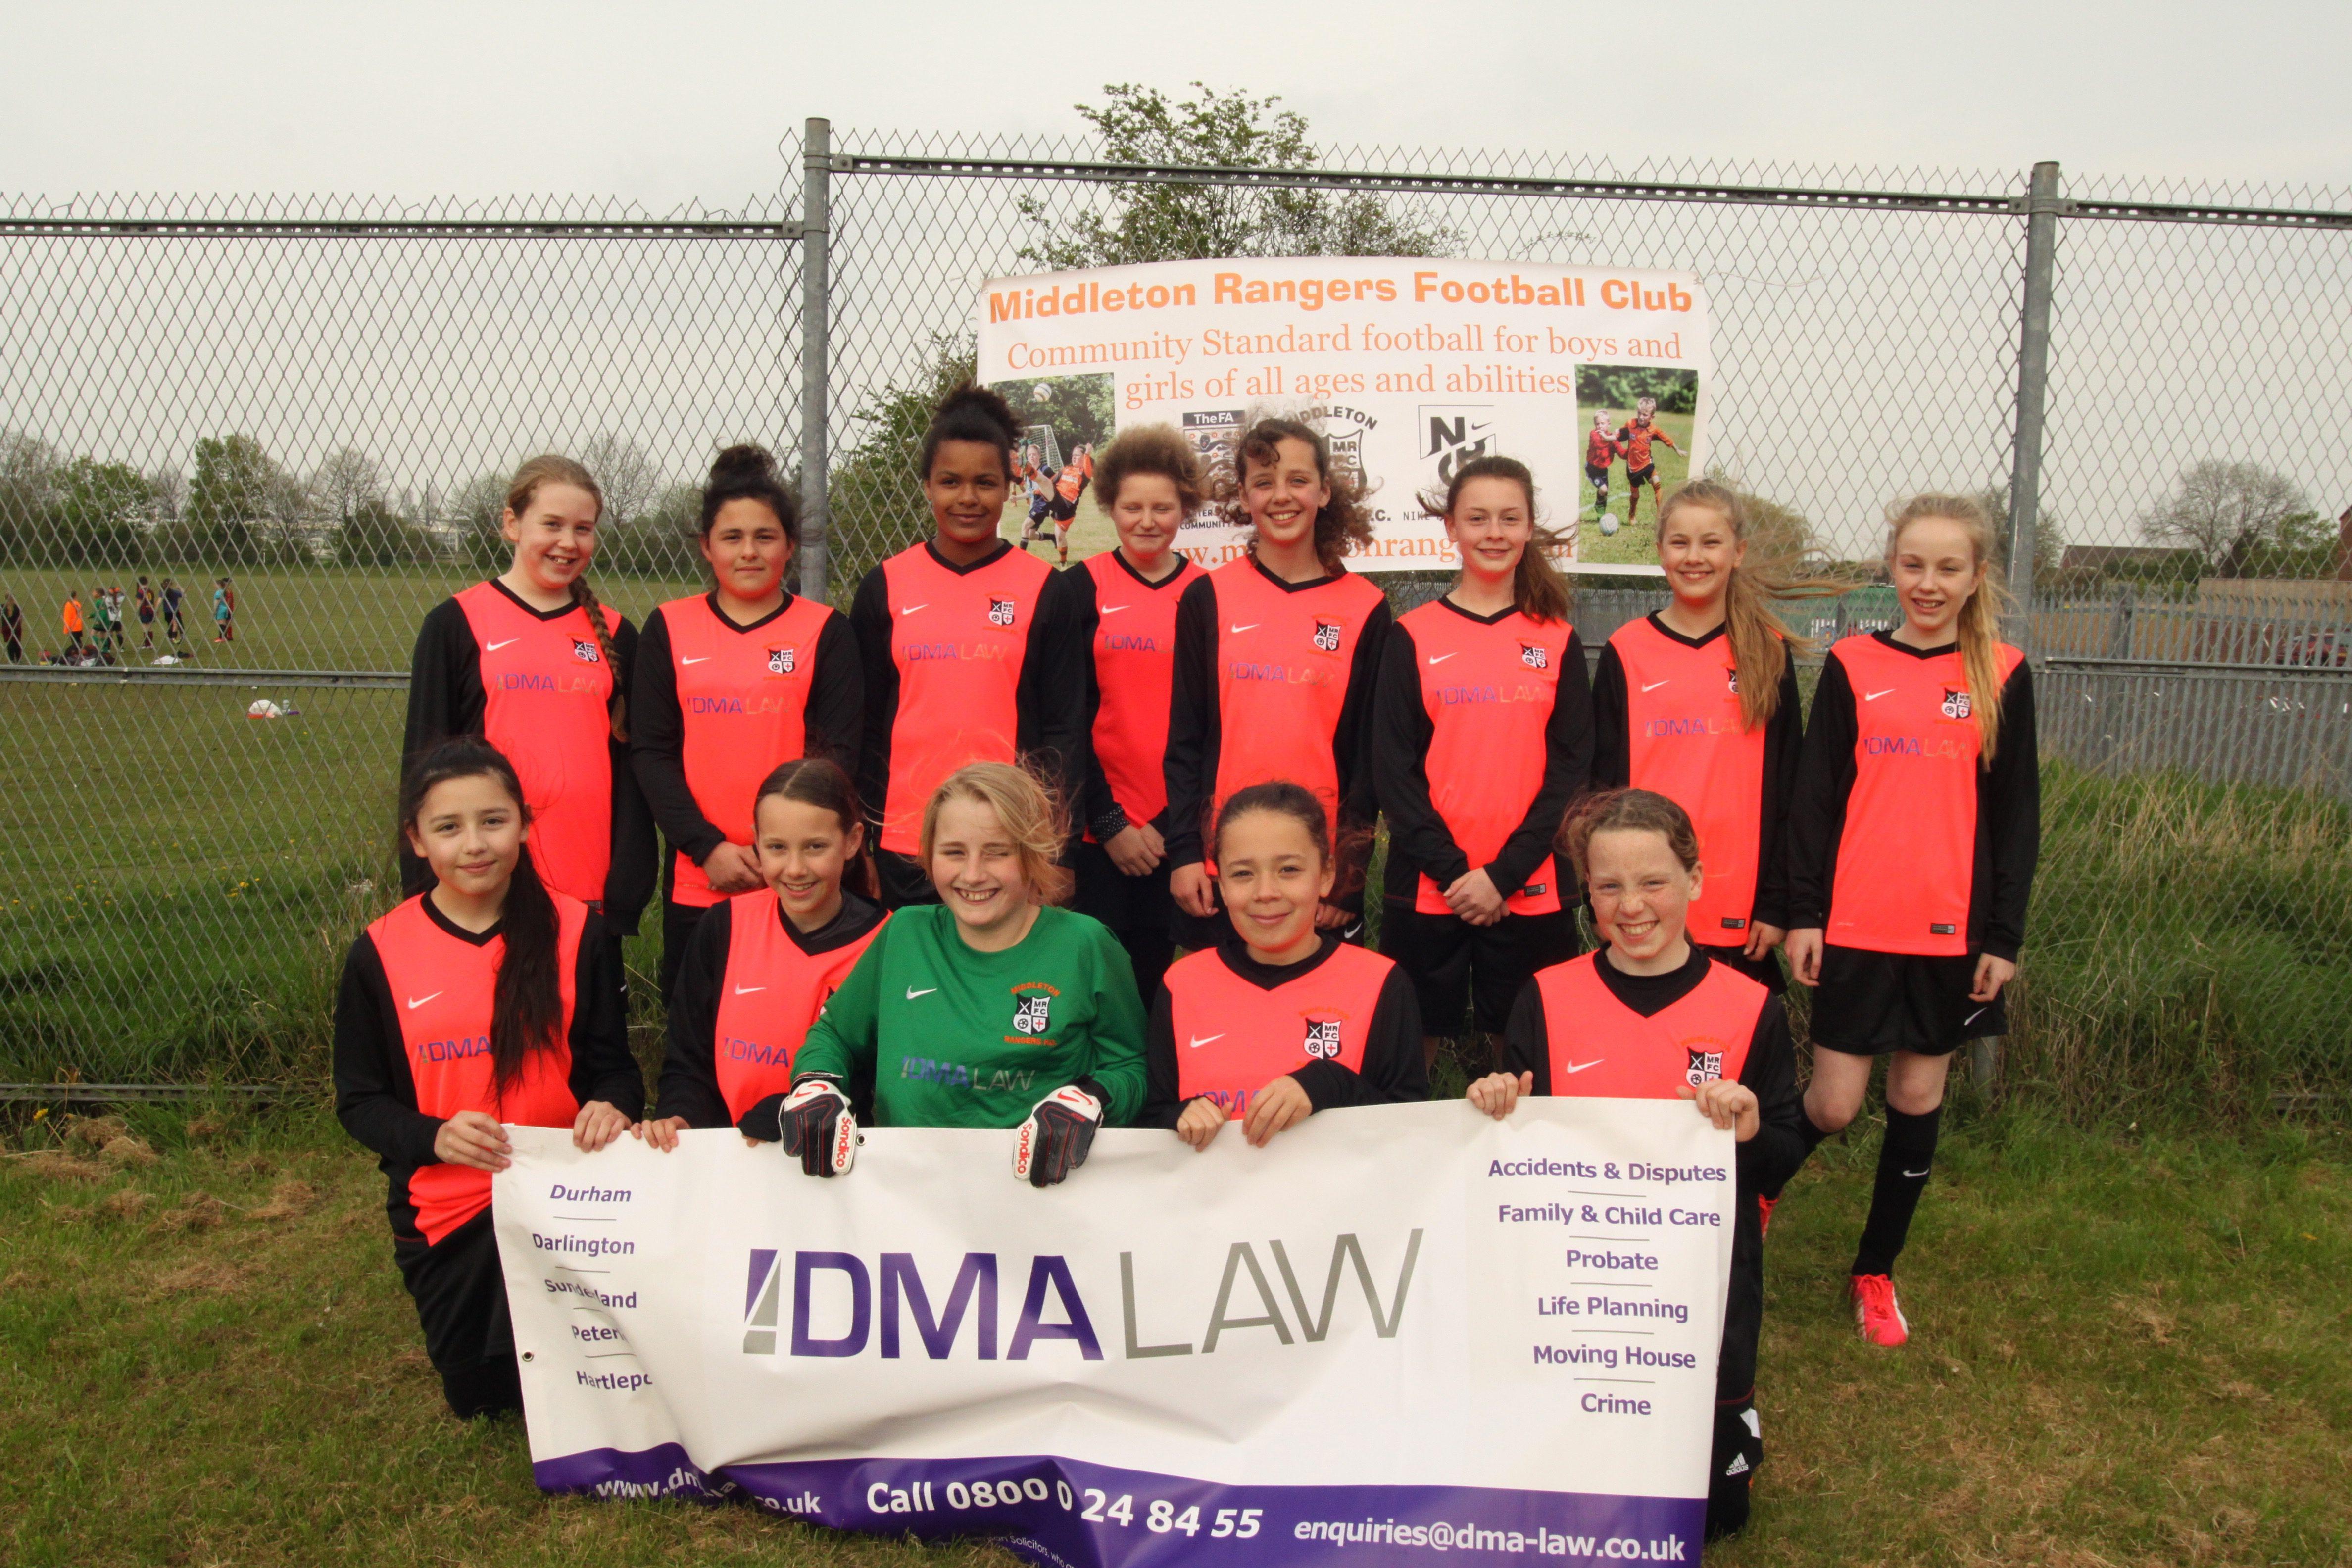 DMA Law sponsors girls' team at Middleton Rangers